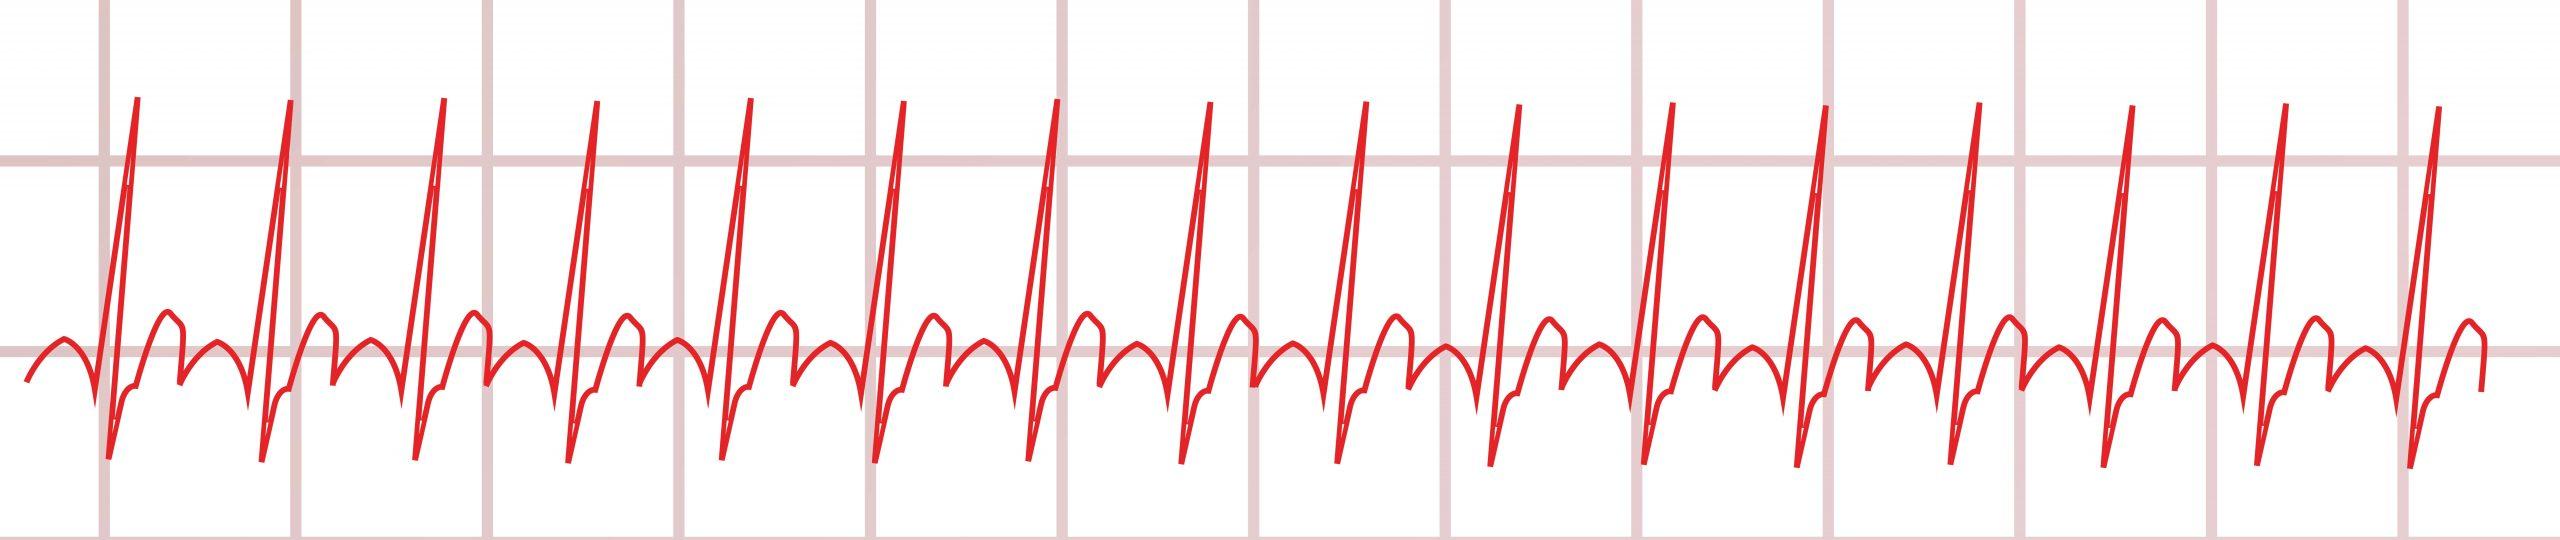 EKG: Sinustachykardie